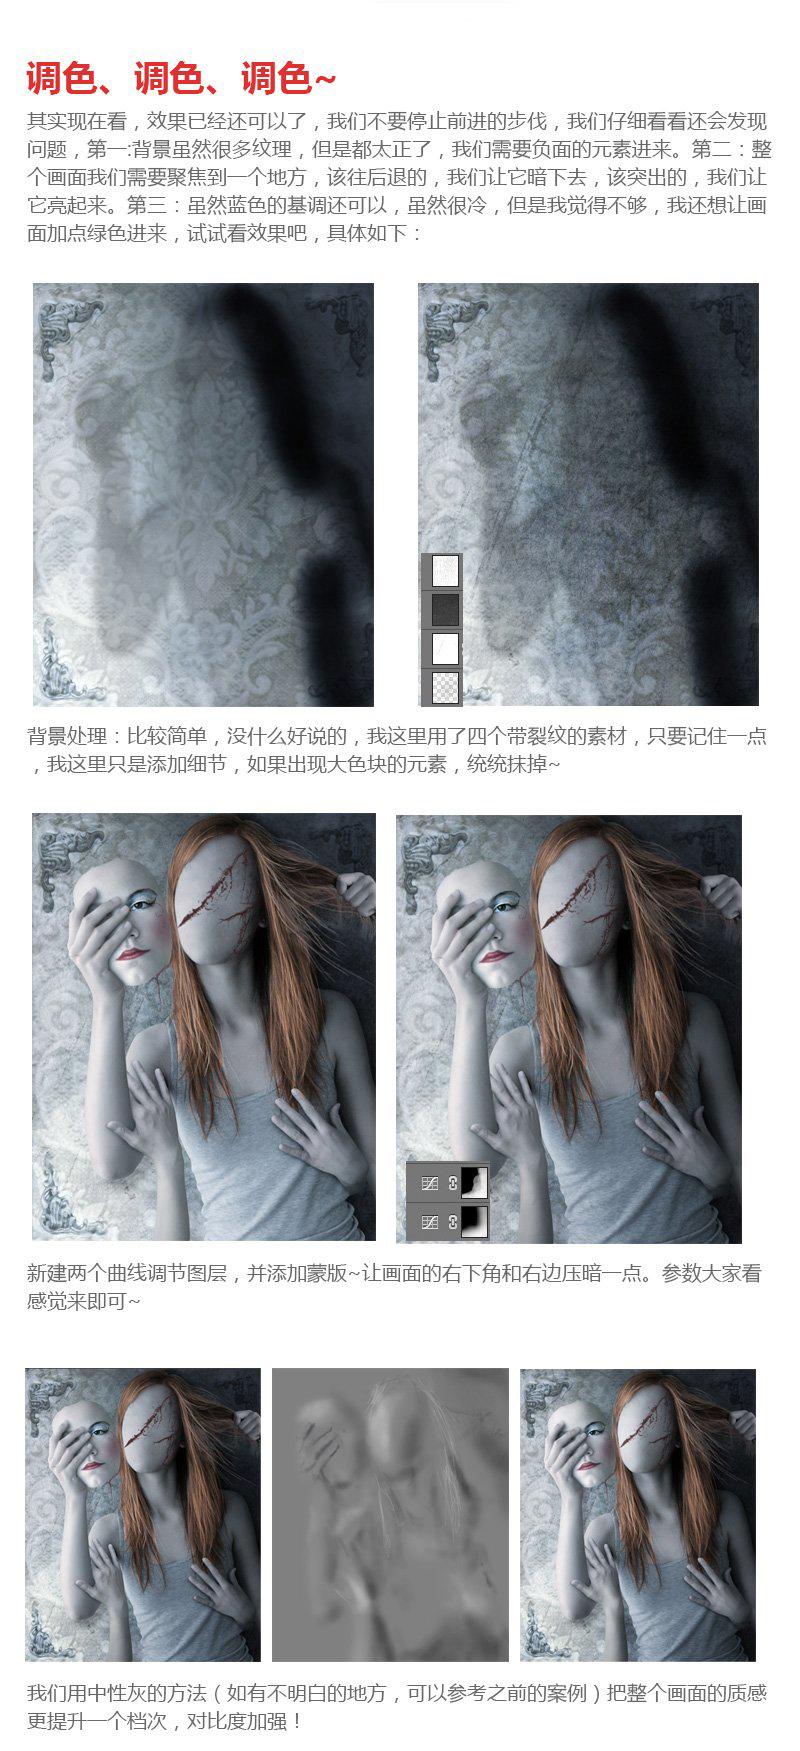 PS合成别具风格的人像换脸术场景图